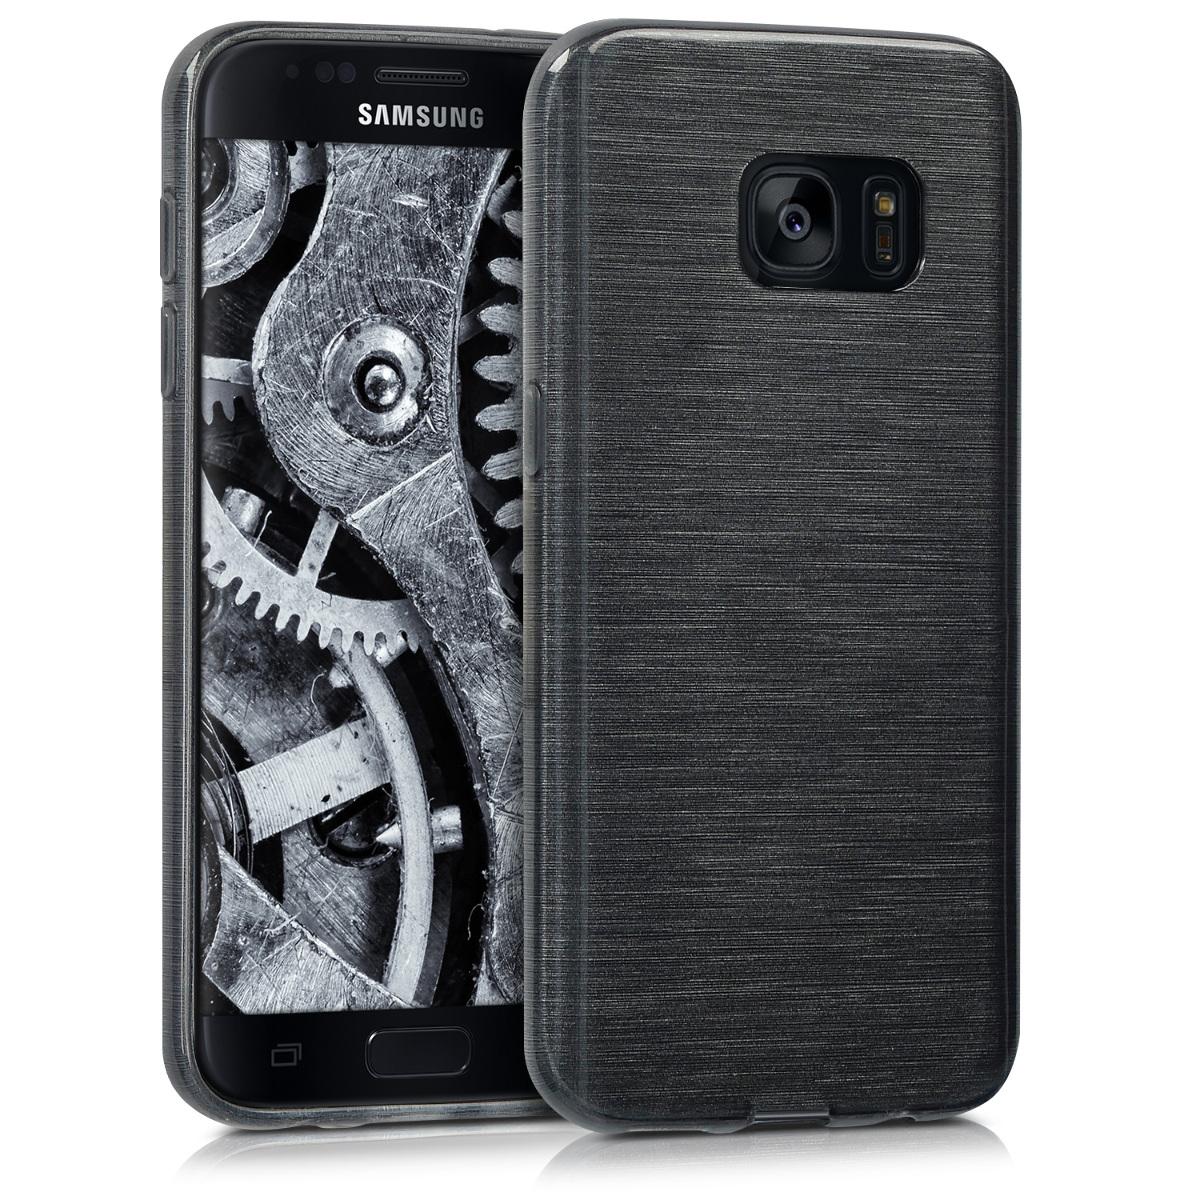 Kvalitní silikonové TPU pouzdro pro Samsung S7 - Broušený hliník Anthracite / transparentní